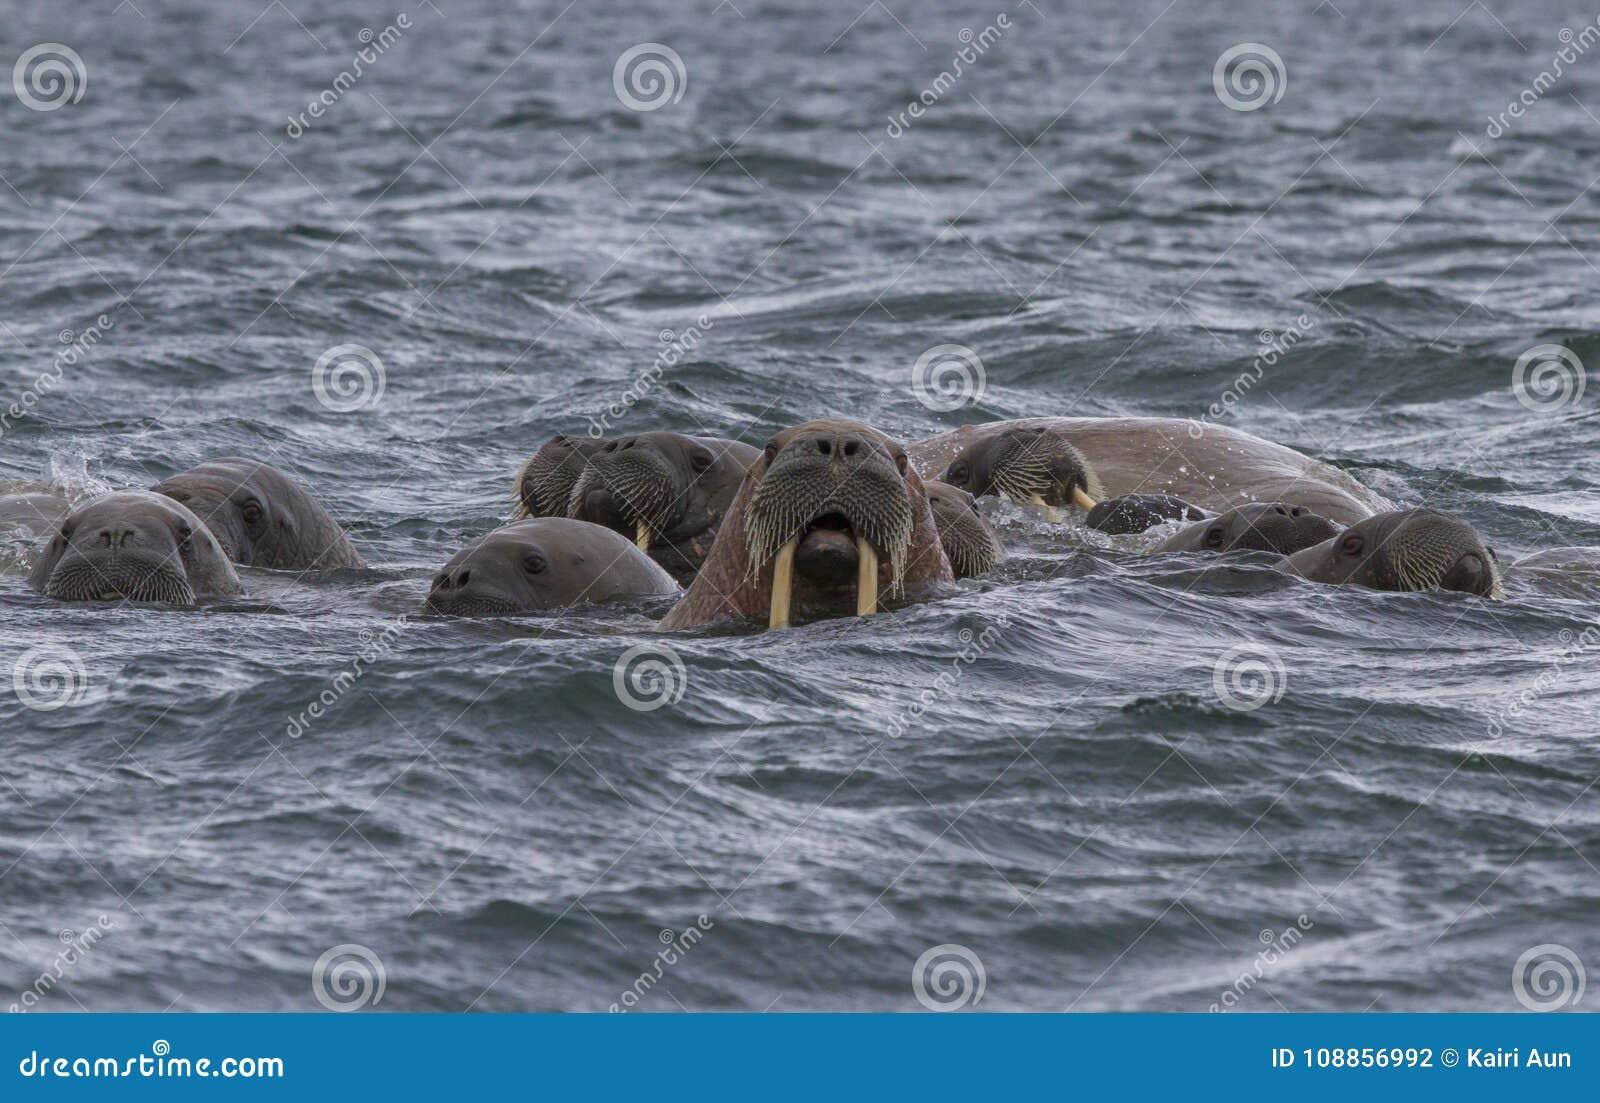 海象在水中在斯瓦尔巴特群岛